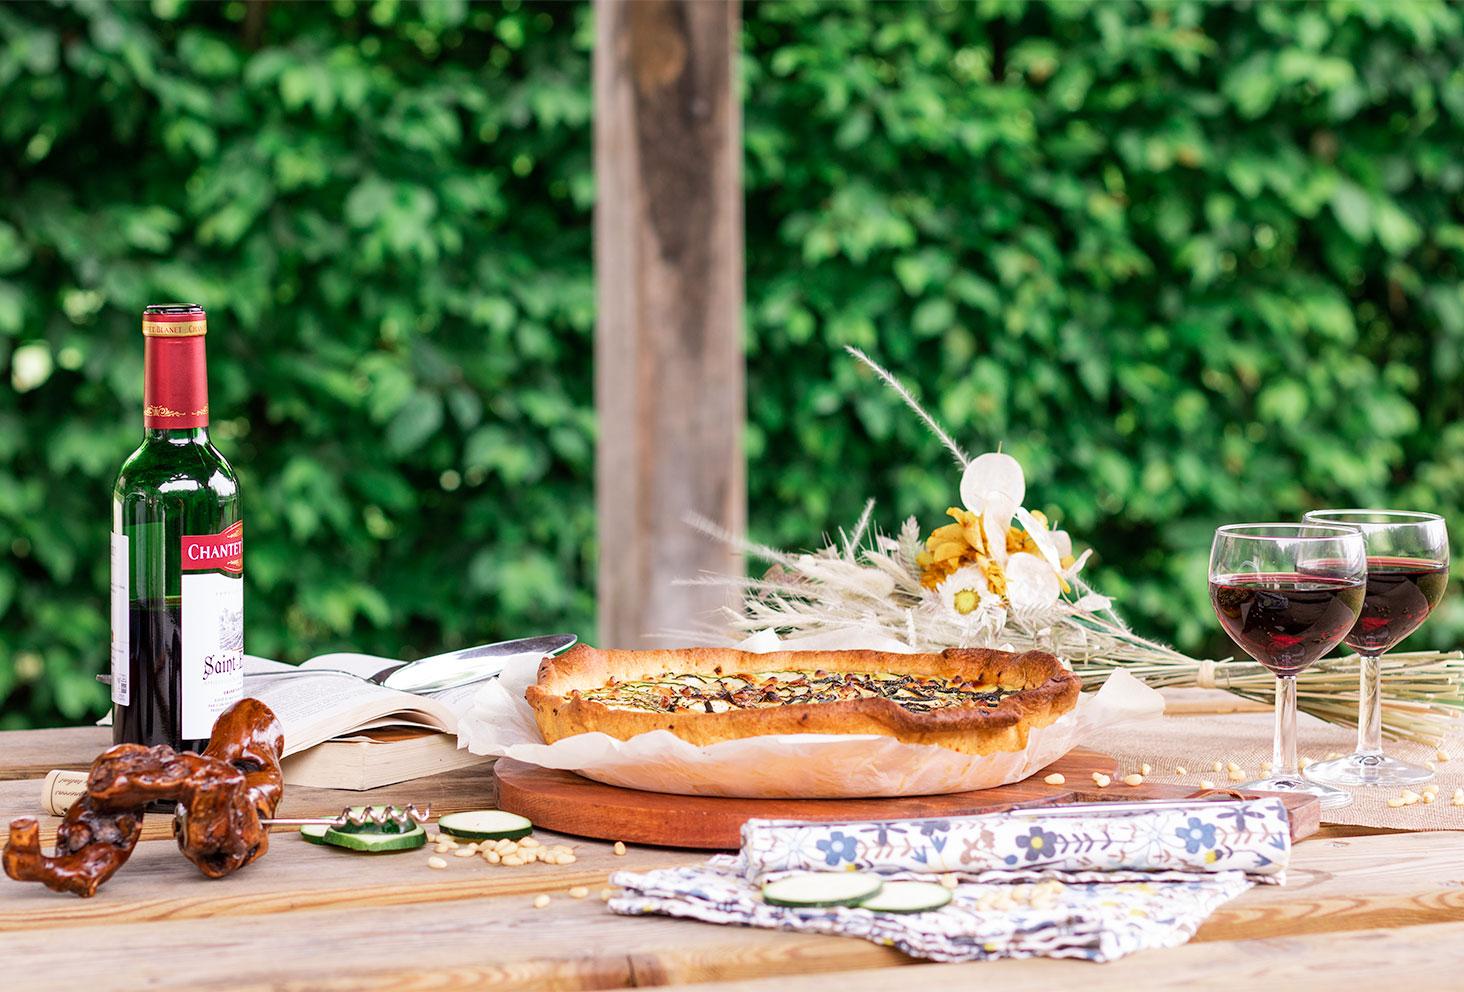 Pique-nique sur une table en bois, avec verres de vin, bouquet de fleurs et tarte à la courgette